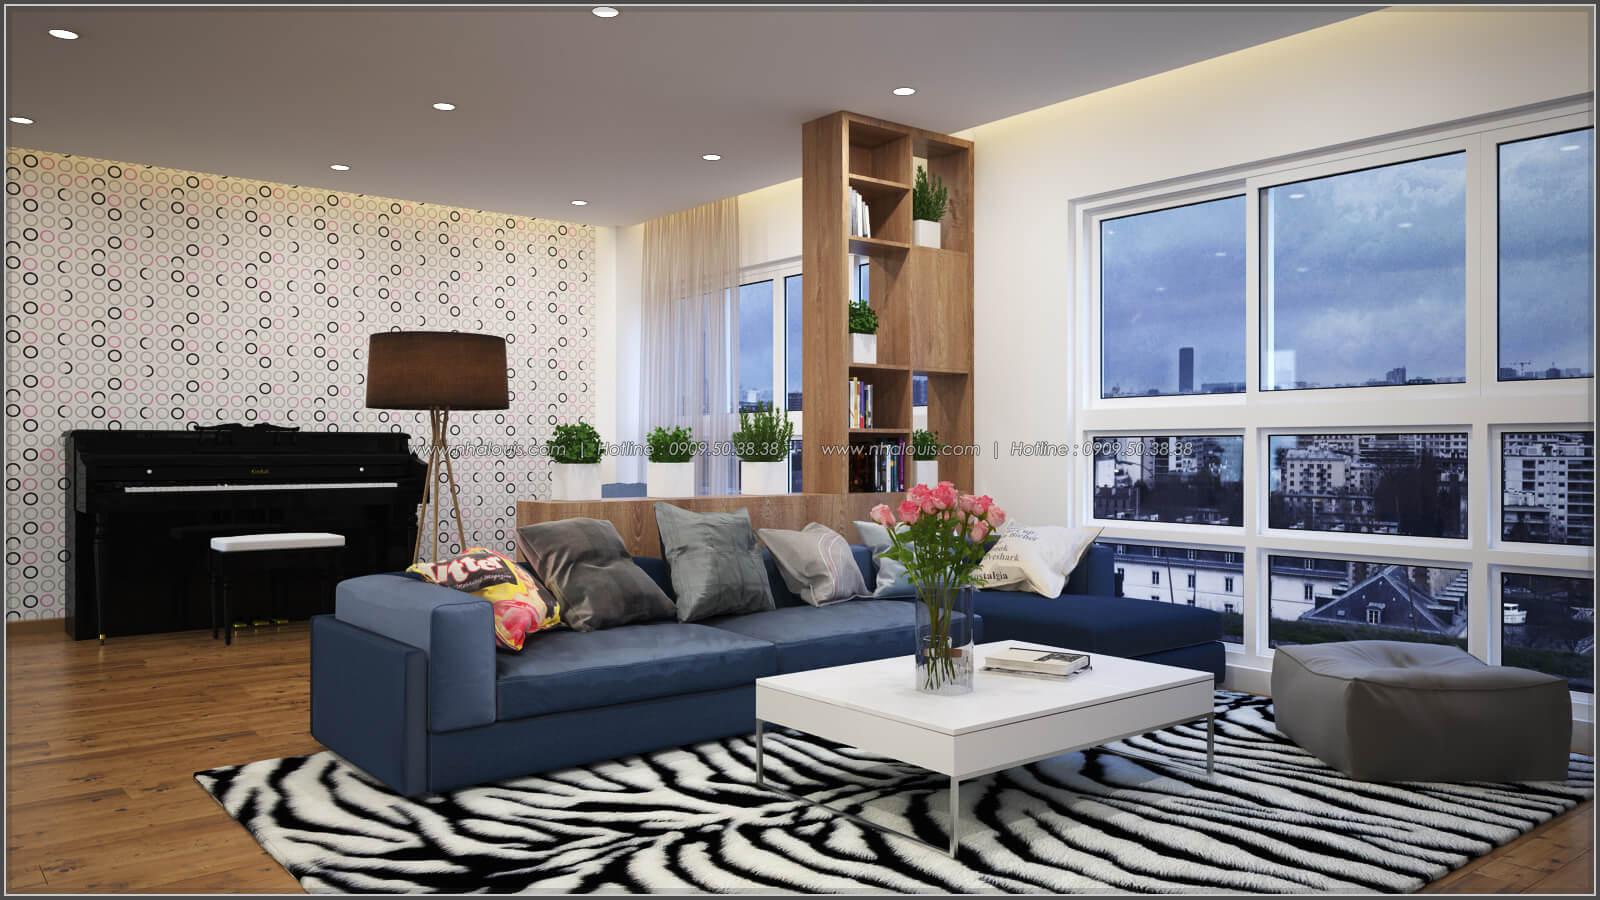 Phòng khách Thiết kế căn hộ chung cư 3 phòng ngủ Happy Valley quận 7 - 4